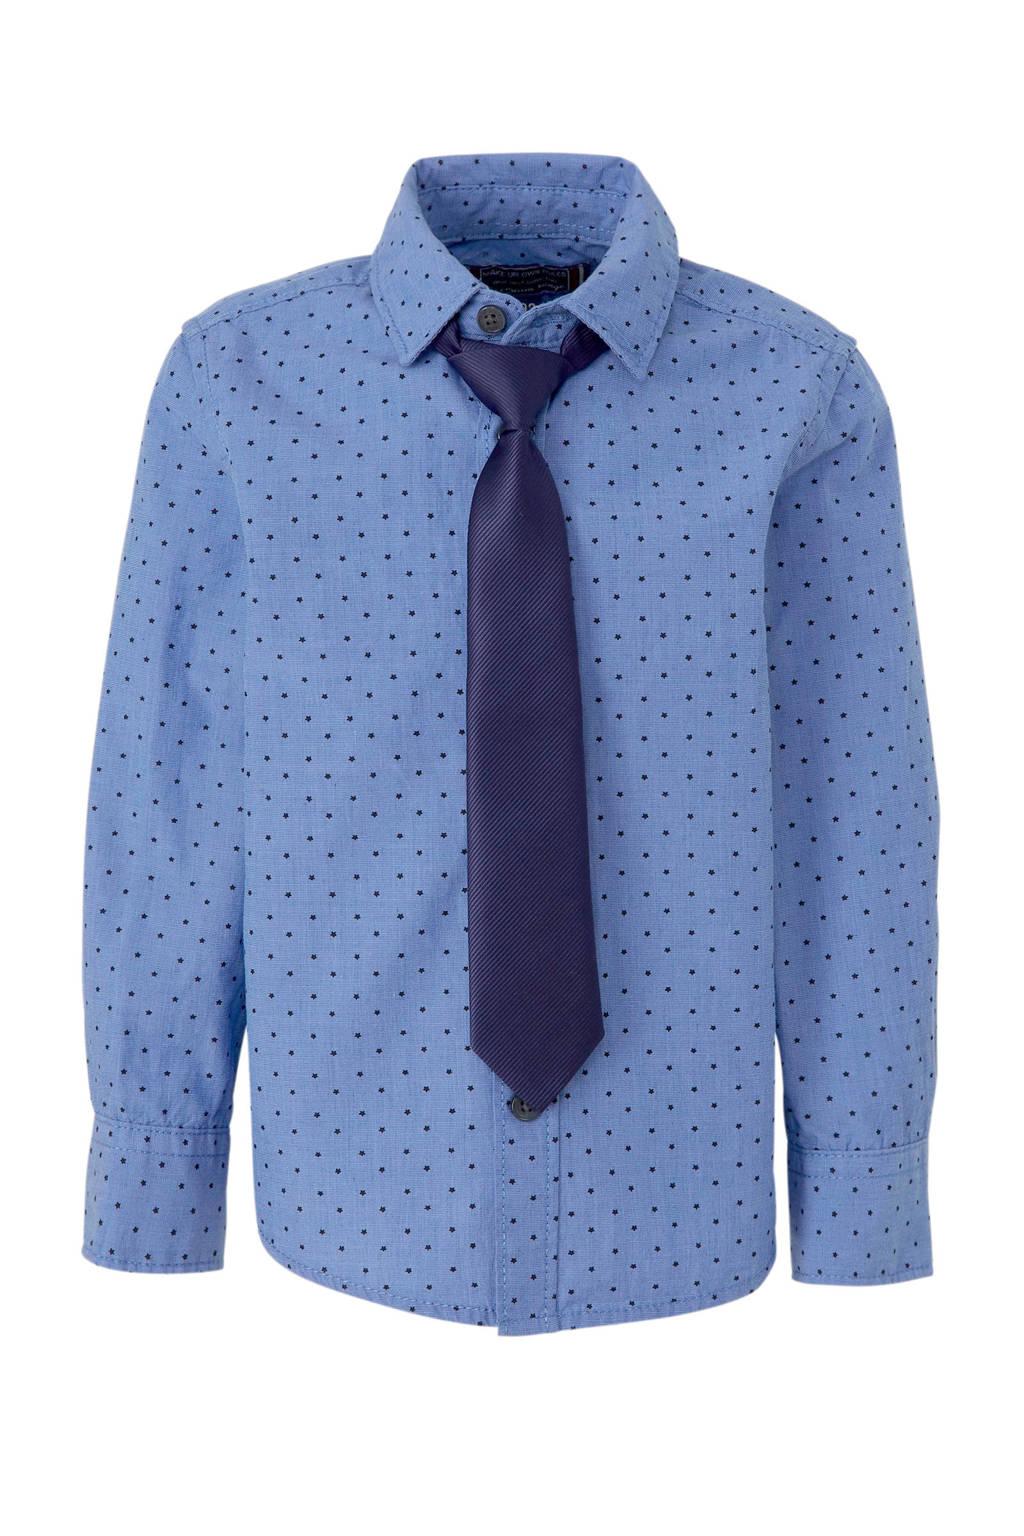 C&A Palomino overhemd met sterren blauw, Blauw